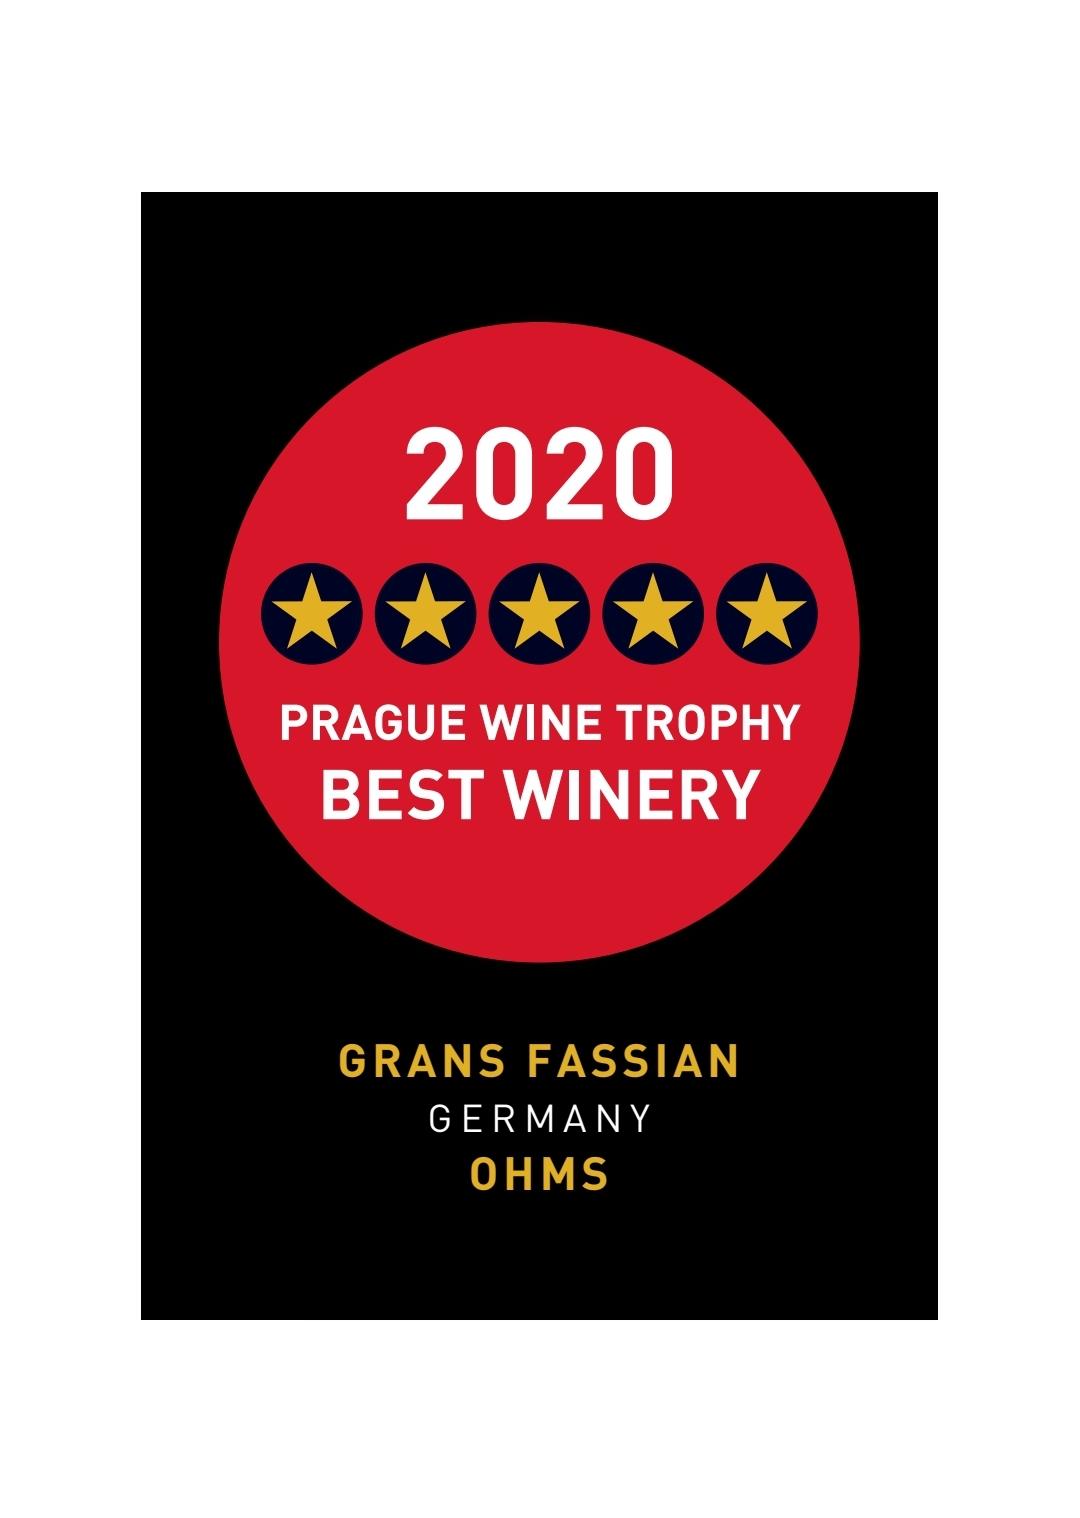 PWT 2020 - Grans Fassian